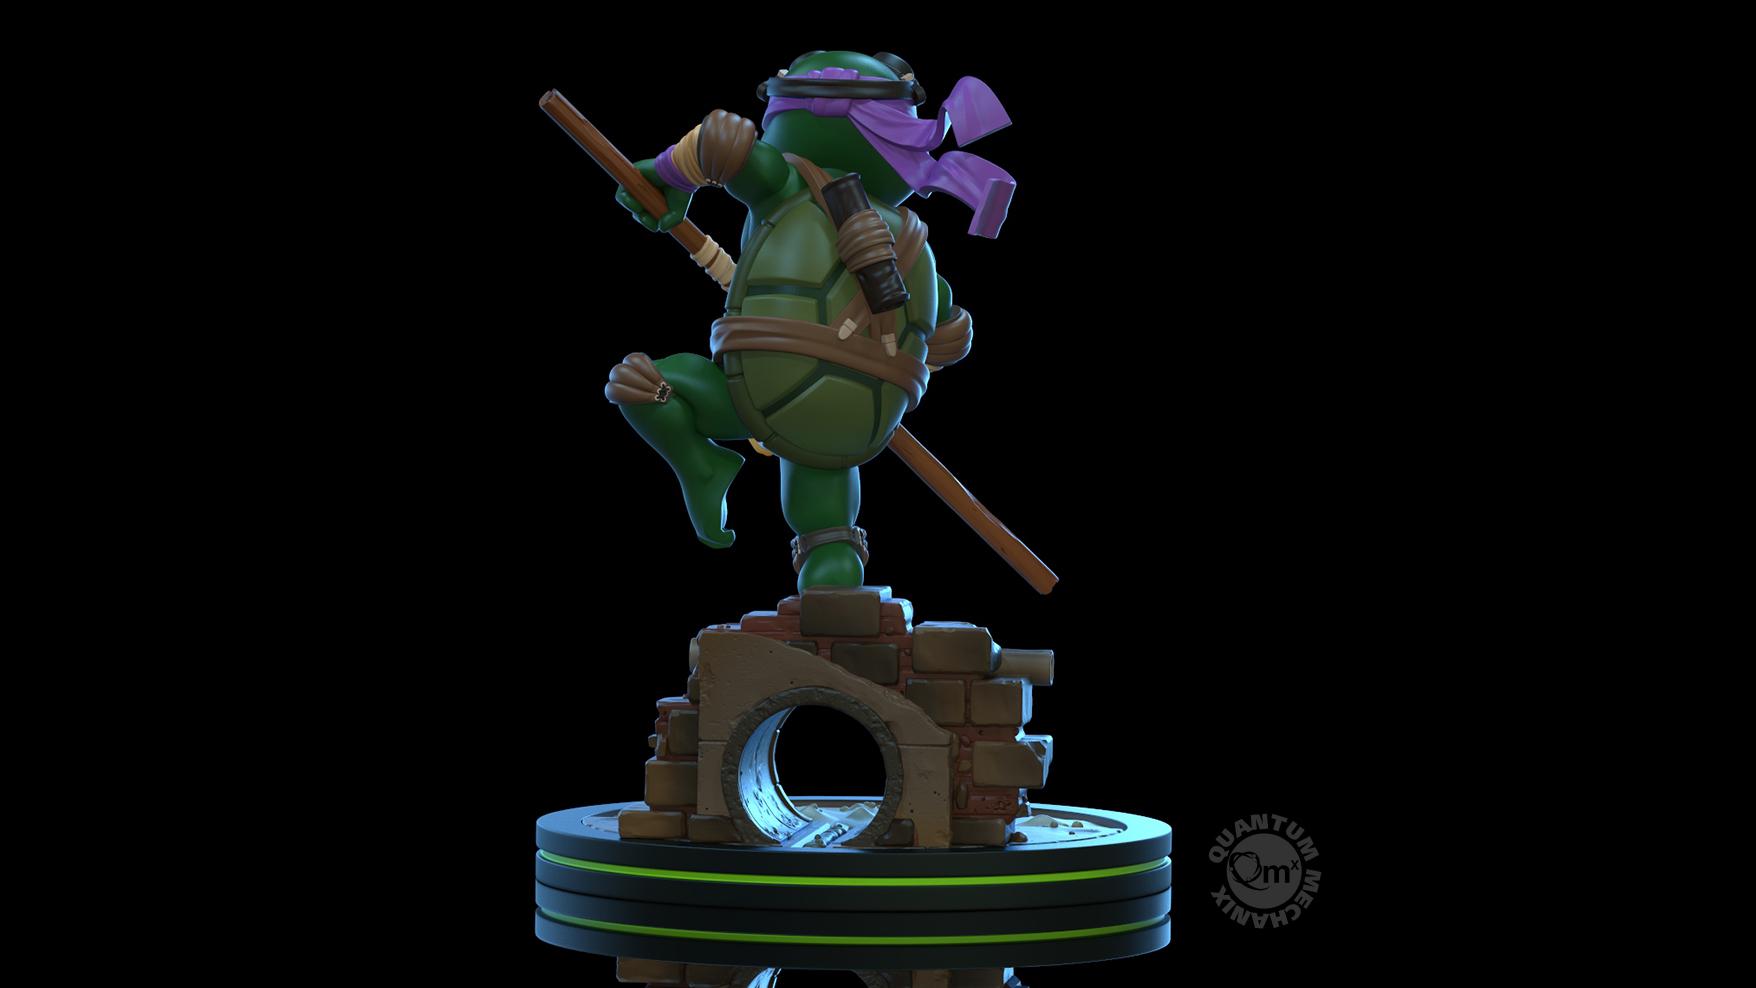 TMNT - Donatello Diorama Figure